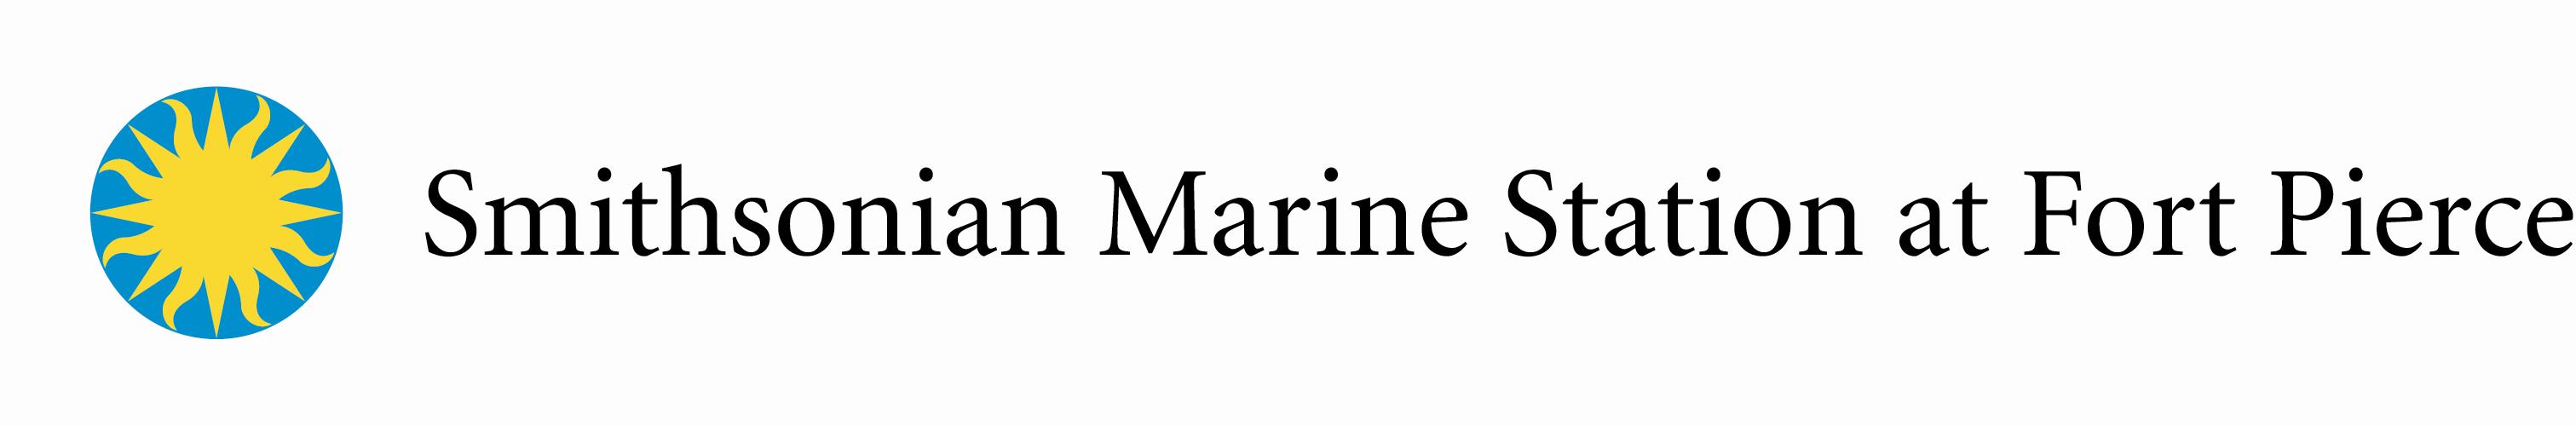 SMITHSONIAN HOSTS MARINE SCIENCE LECTURE SERIES AT AQUARIUM